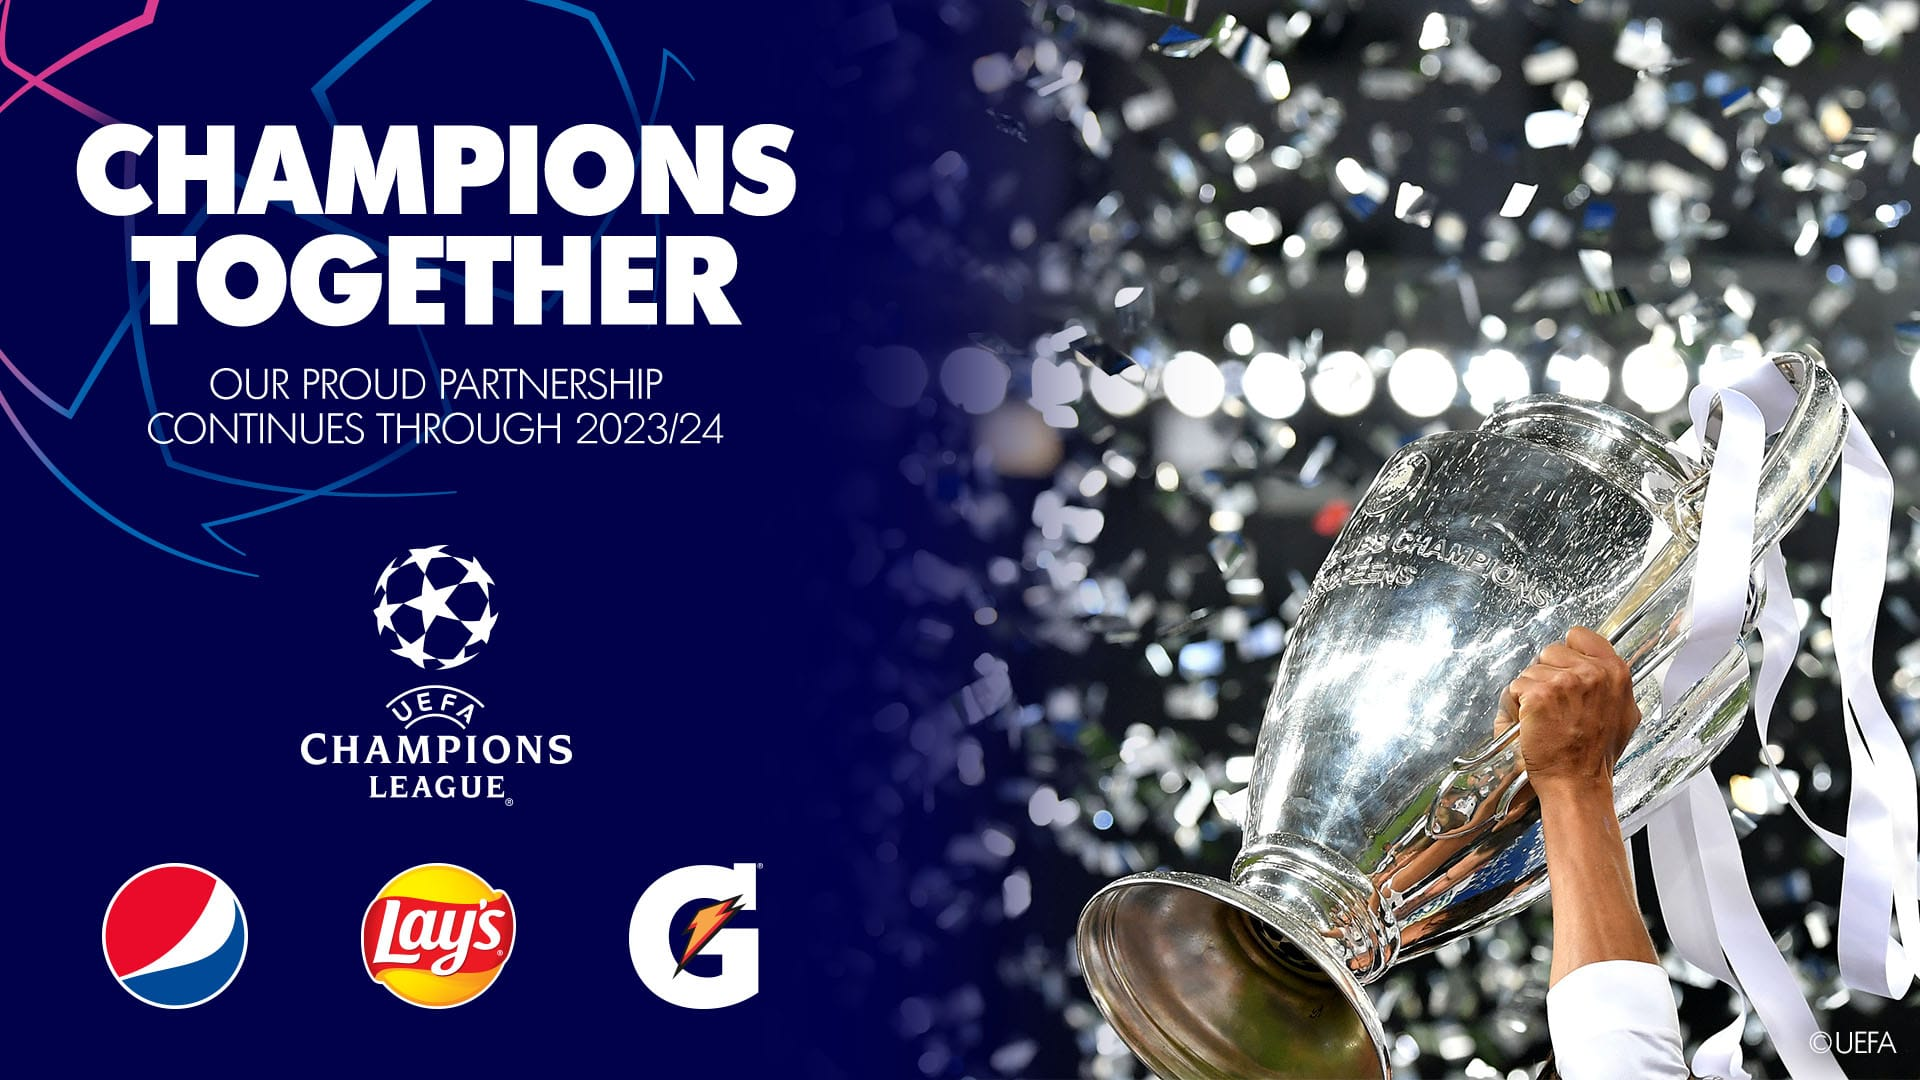 Imagen mostrando copa de la UEFA con logos patrocinadores